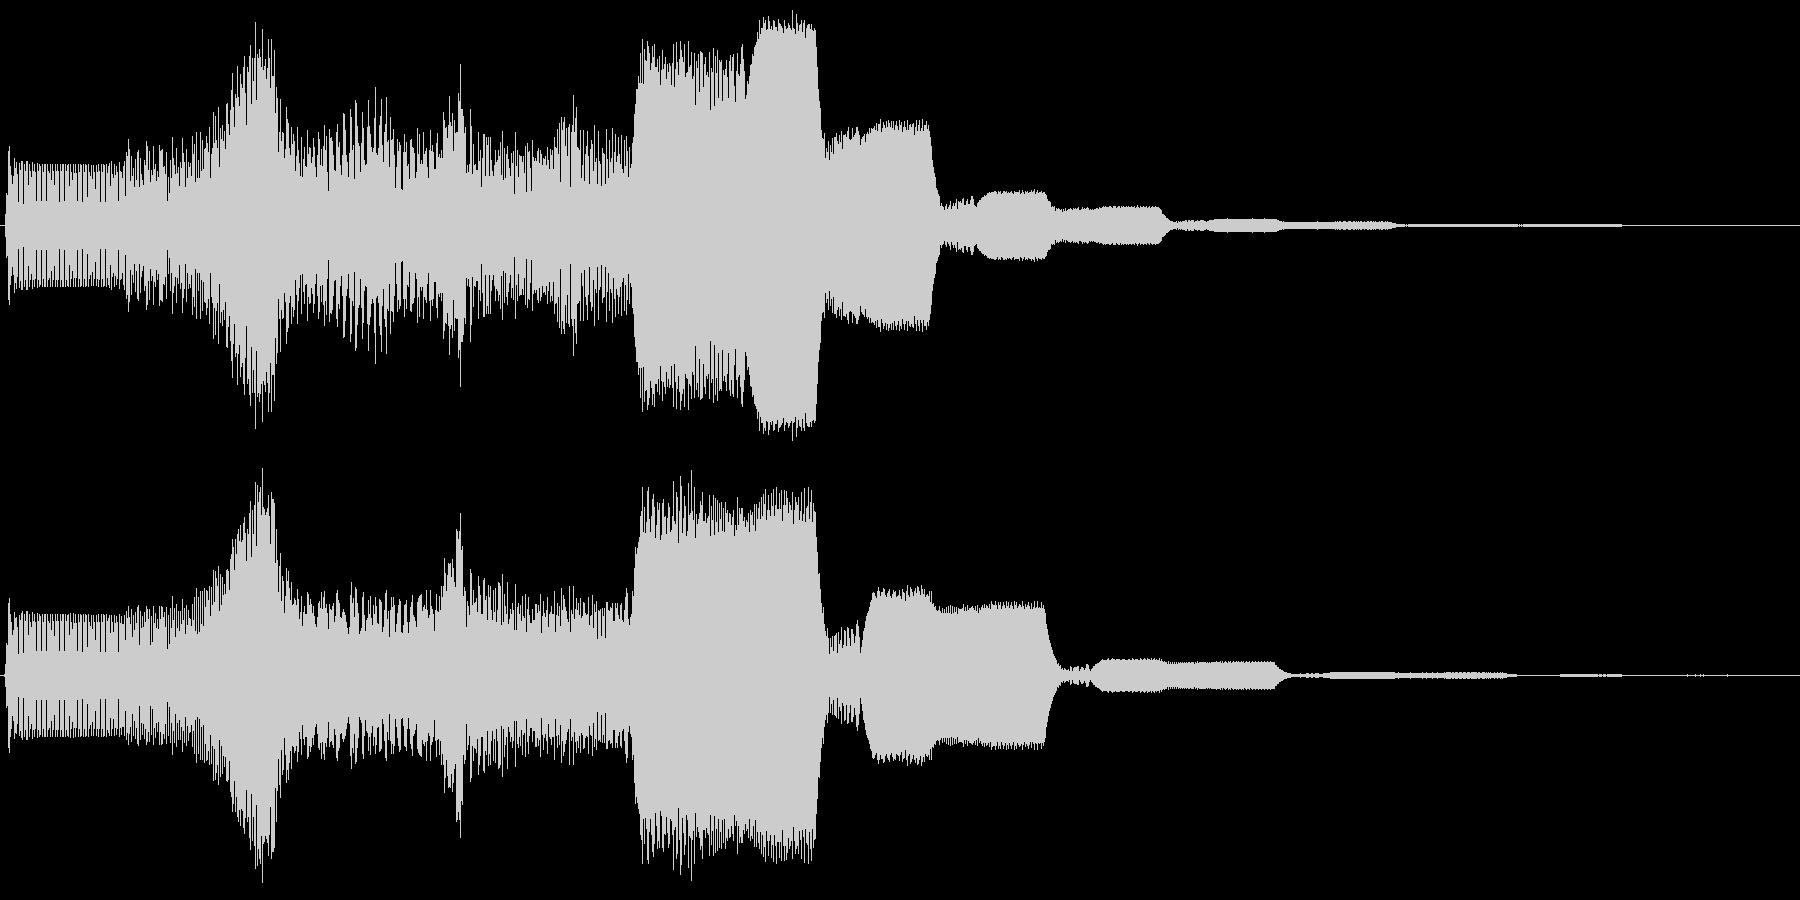 ピュゥゥイィィ。上がる・伸びる音(長)の未再生の波形